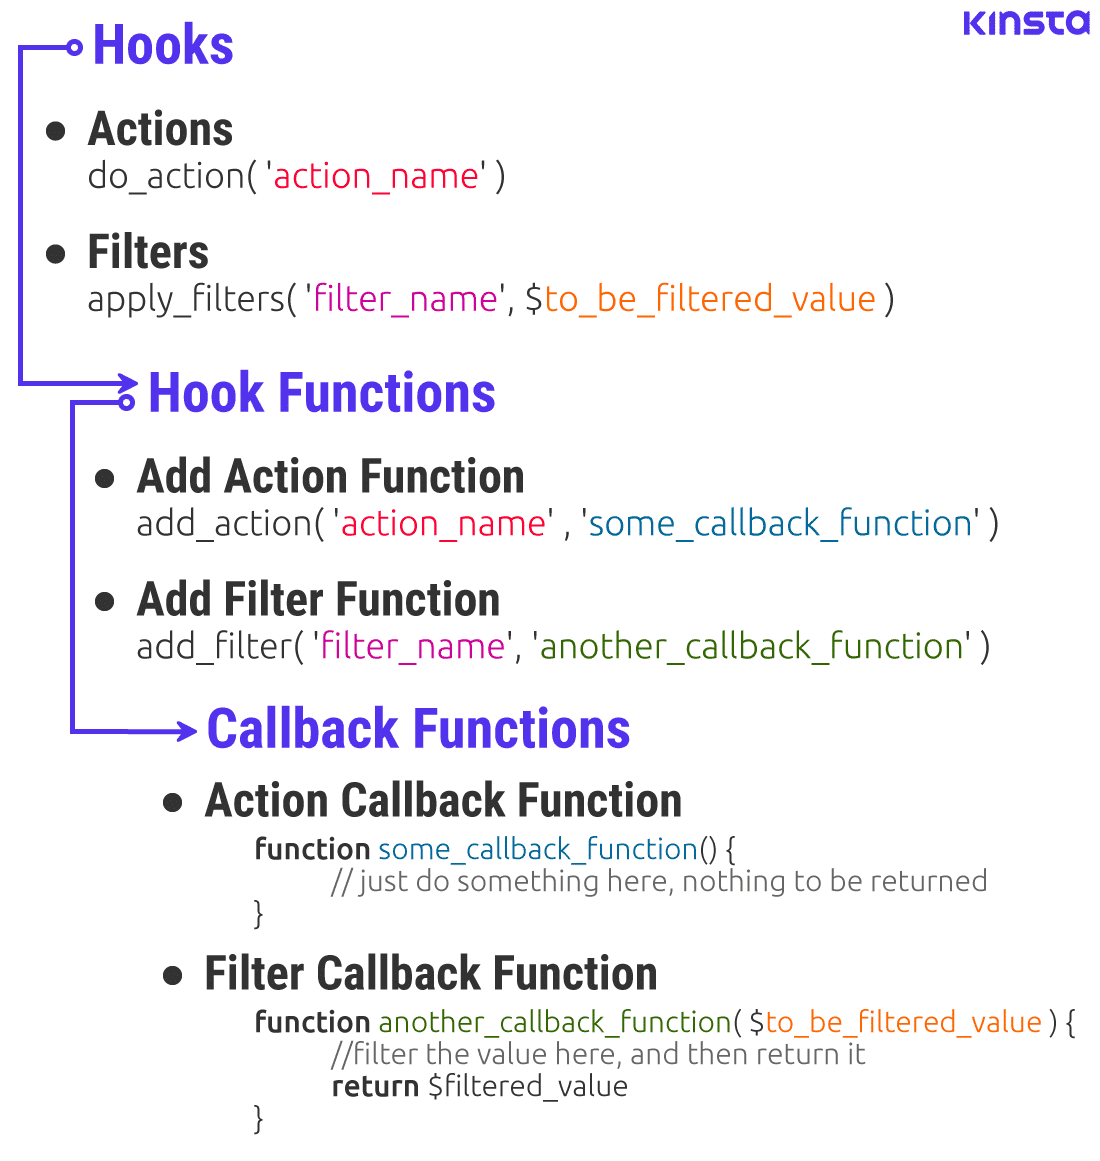 Die Hook-Routine: Hooks, Hook-Funktionen und Callback-Funktionen